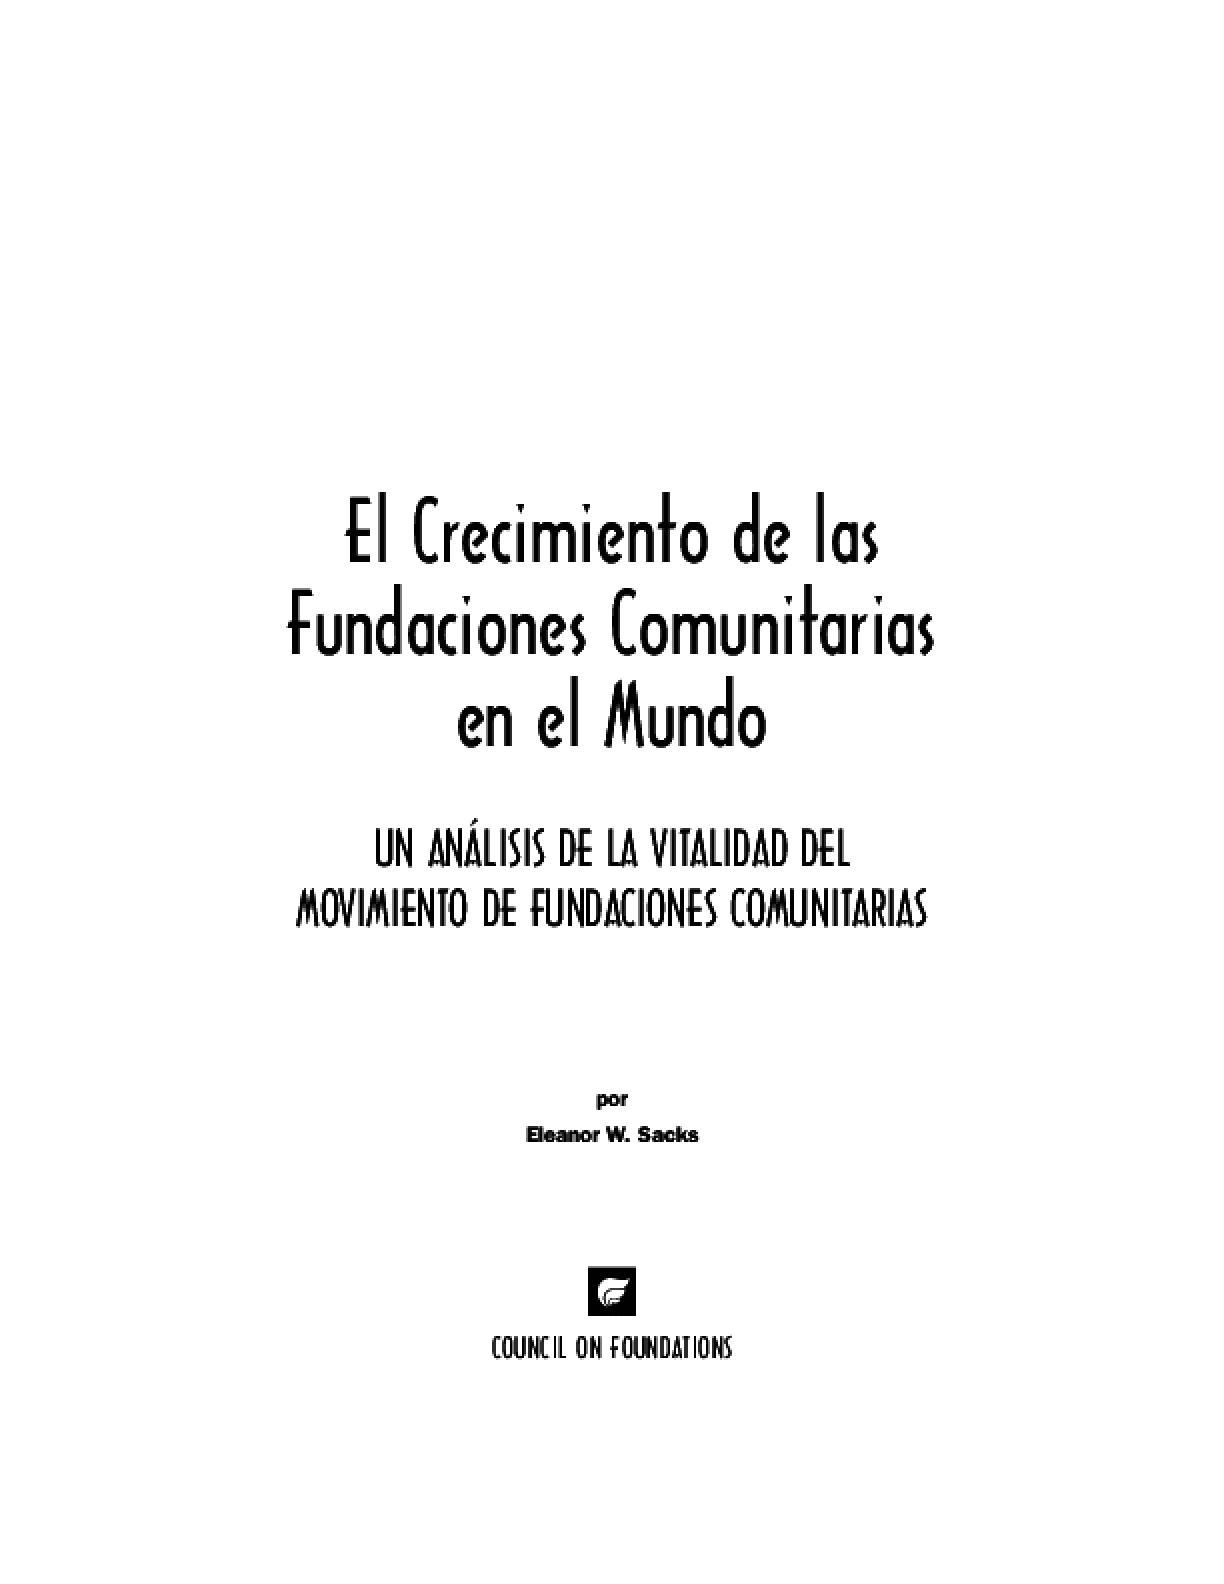 El Crecimento de las Fundaciones Comunitarias en el Mundo: Un Análisis de la Vitalidad del Movimiento de Fundaciones Comunitarias